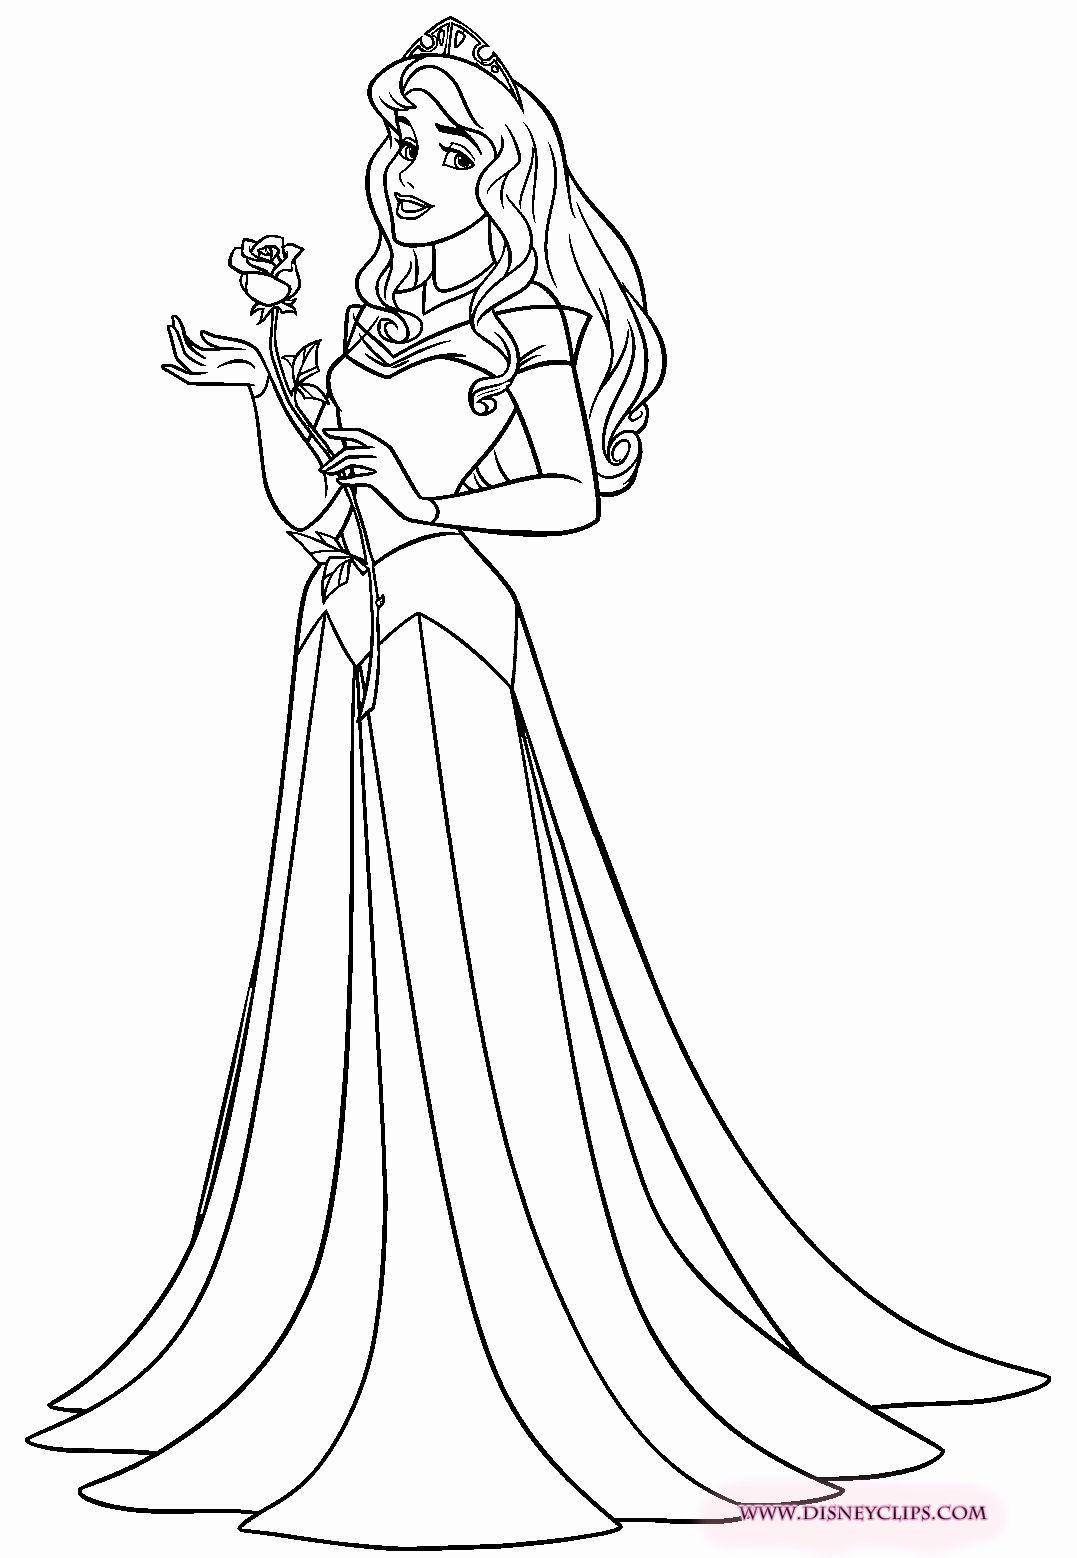 Tranh tô màu công chúa Aurora nhẹ nhàng, xinh đẹp